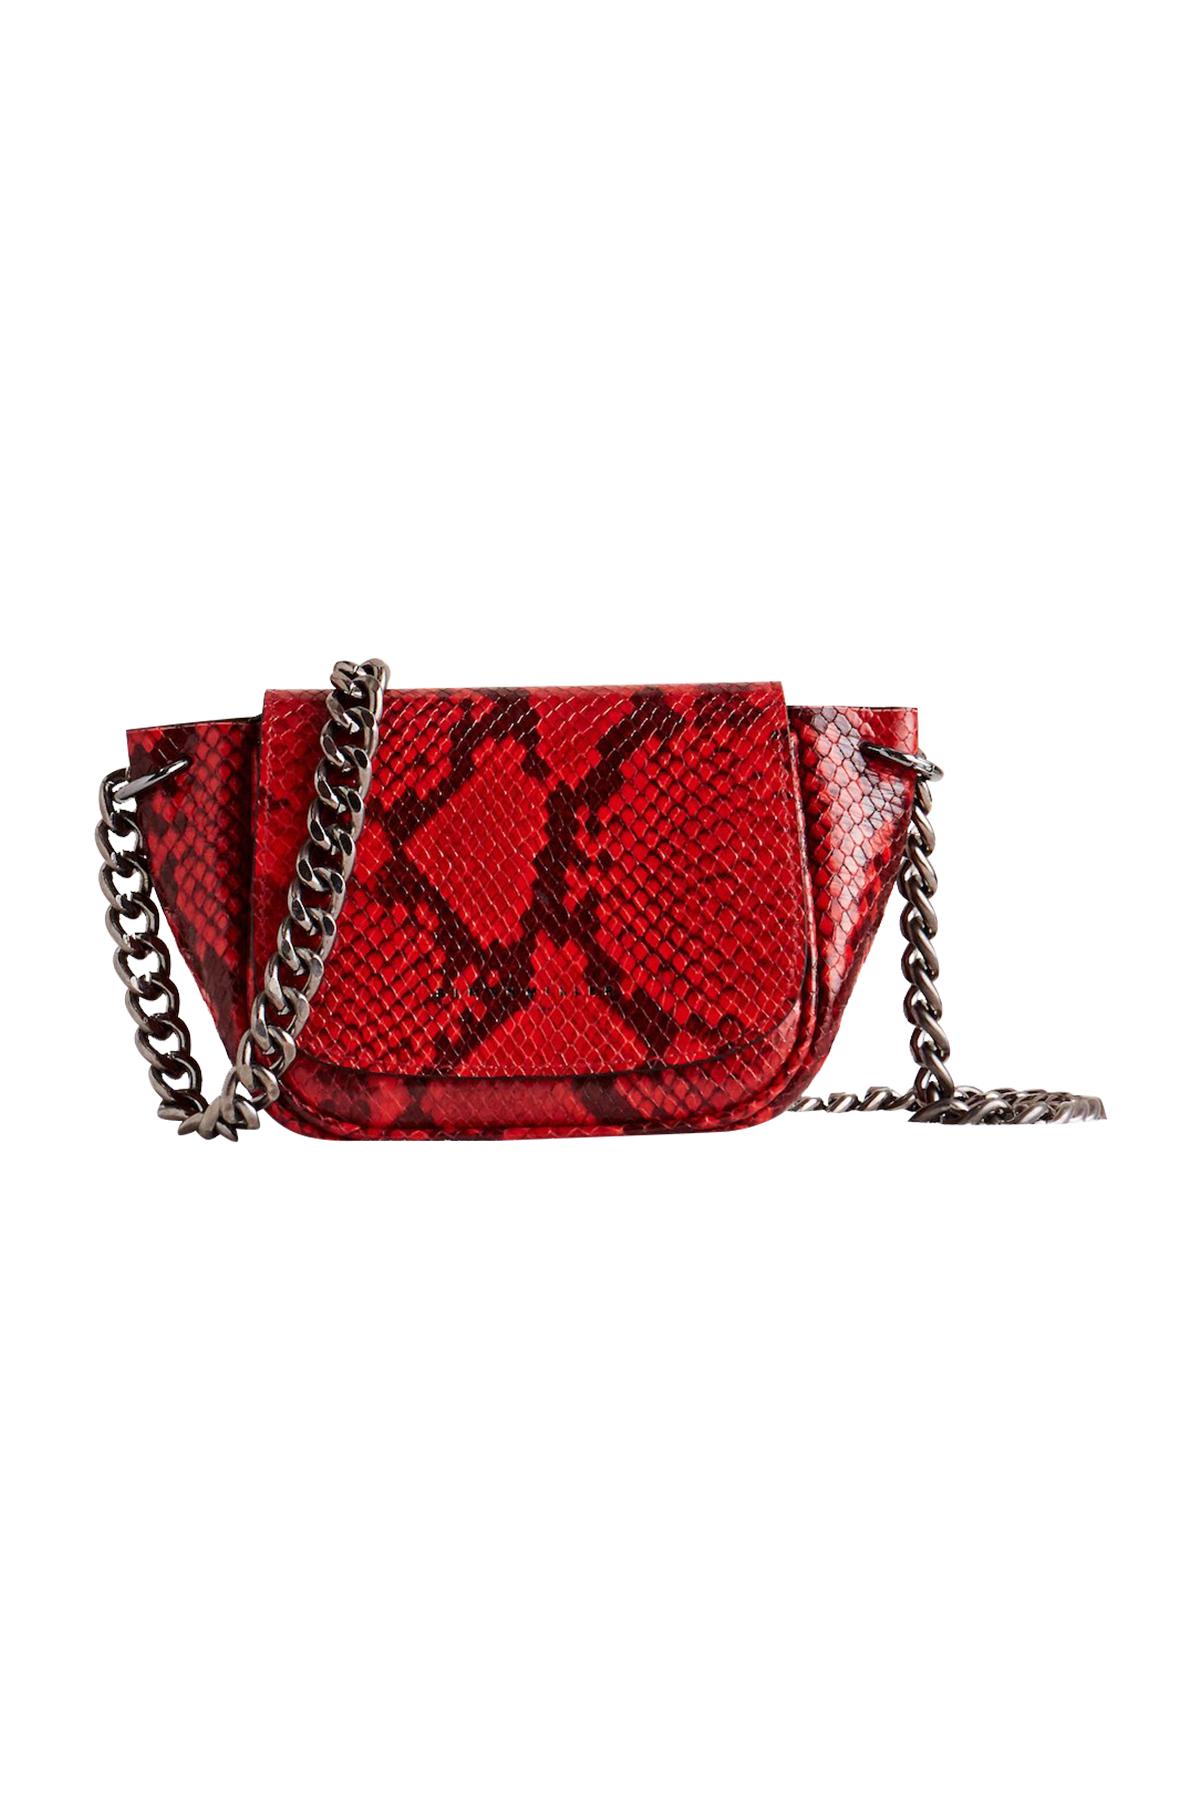 Mini Bend Bag in Tango Red by Simon Miller - 1